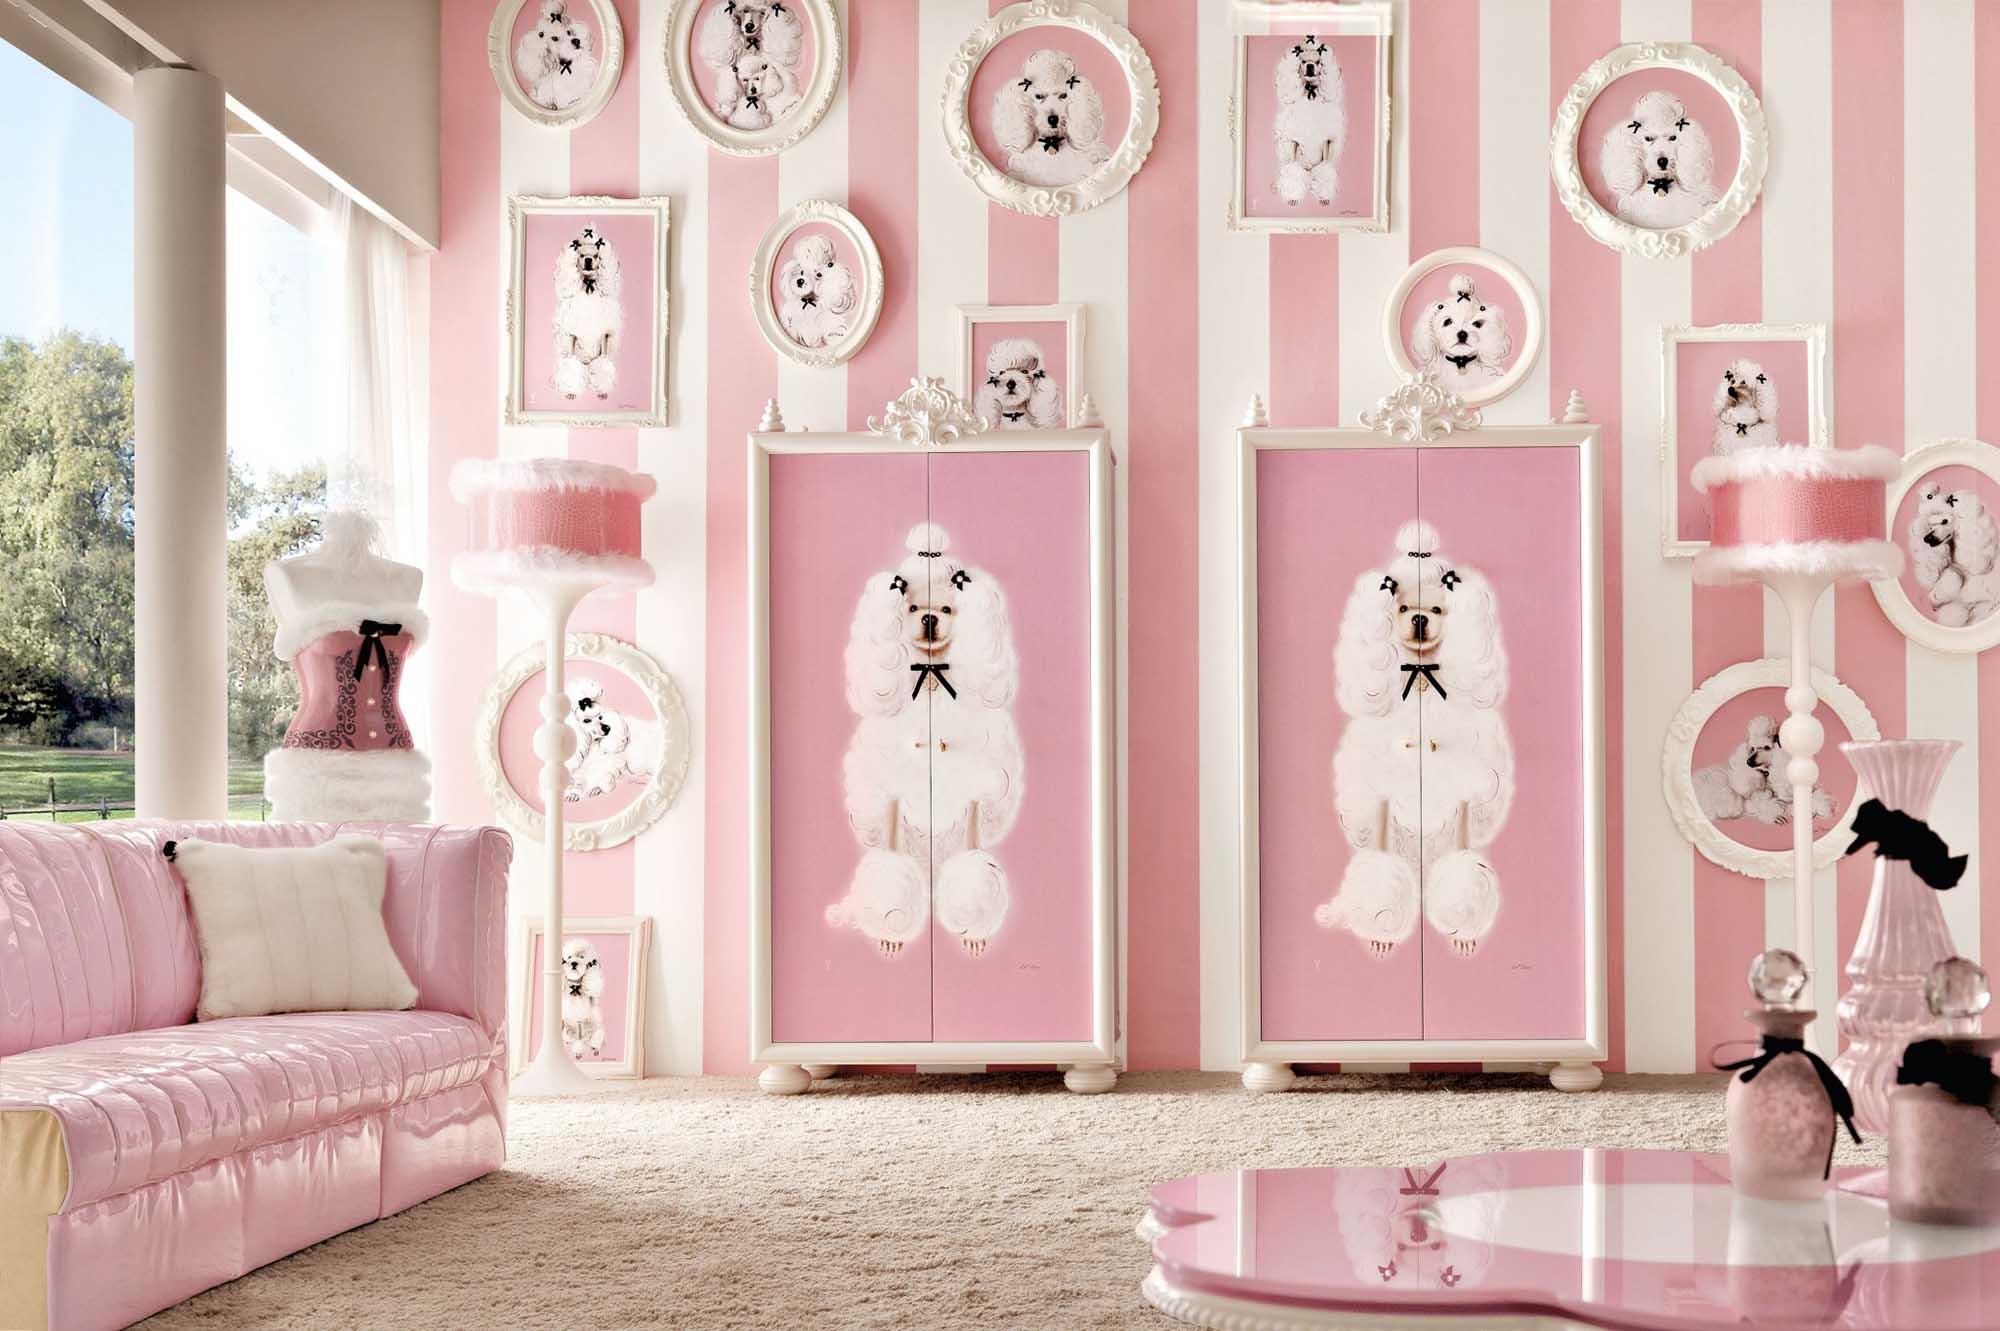 Бело-розовая мебель и декор в детской